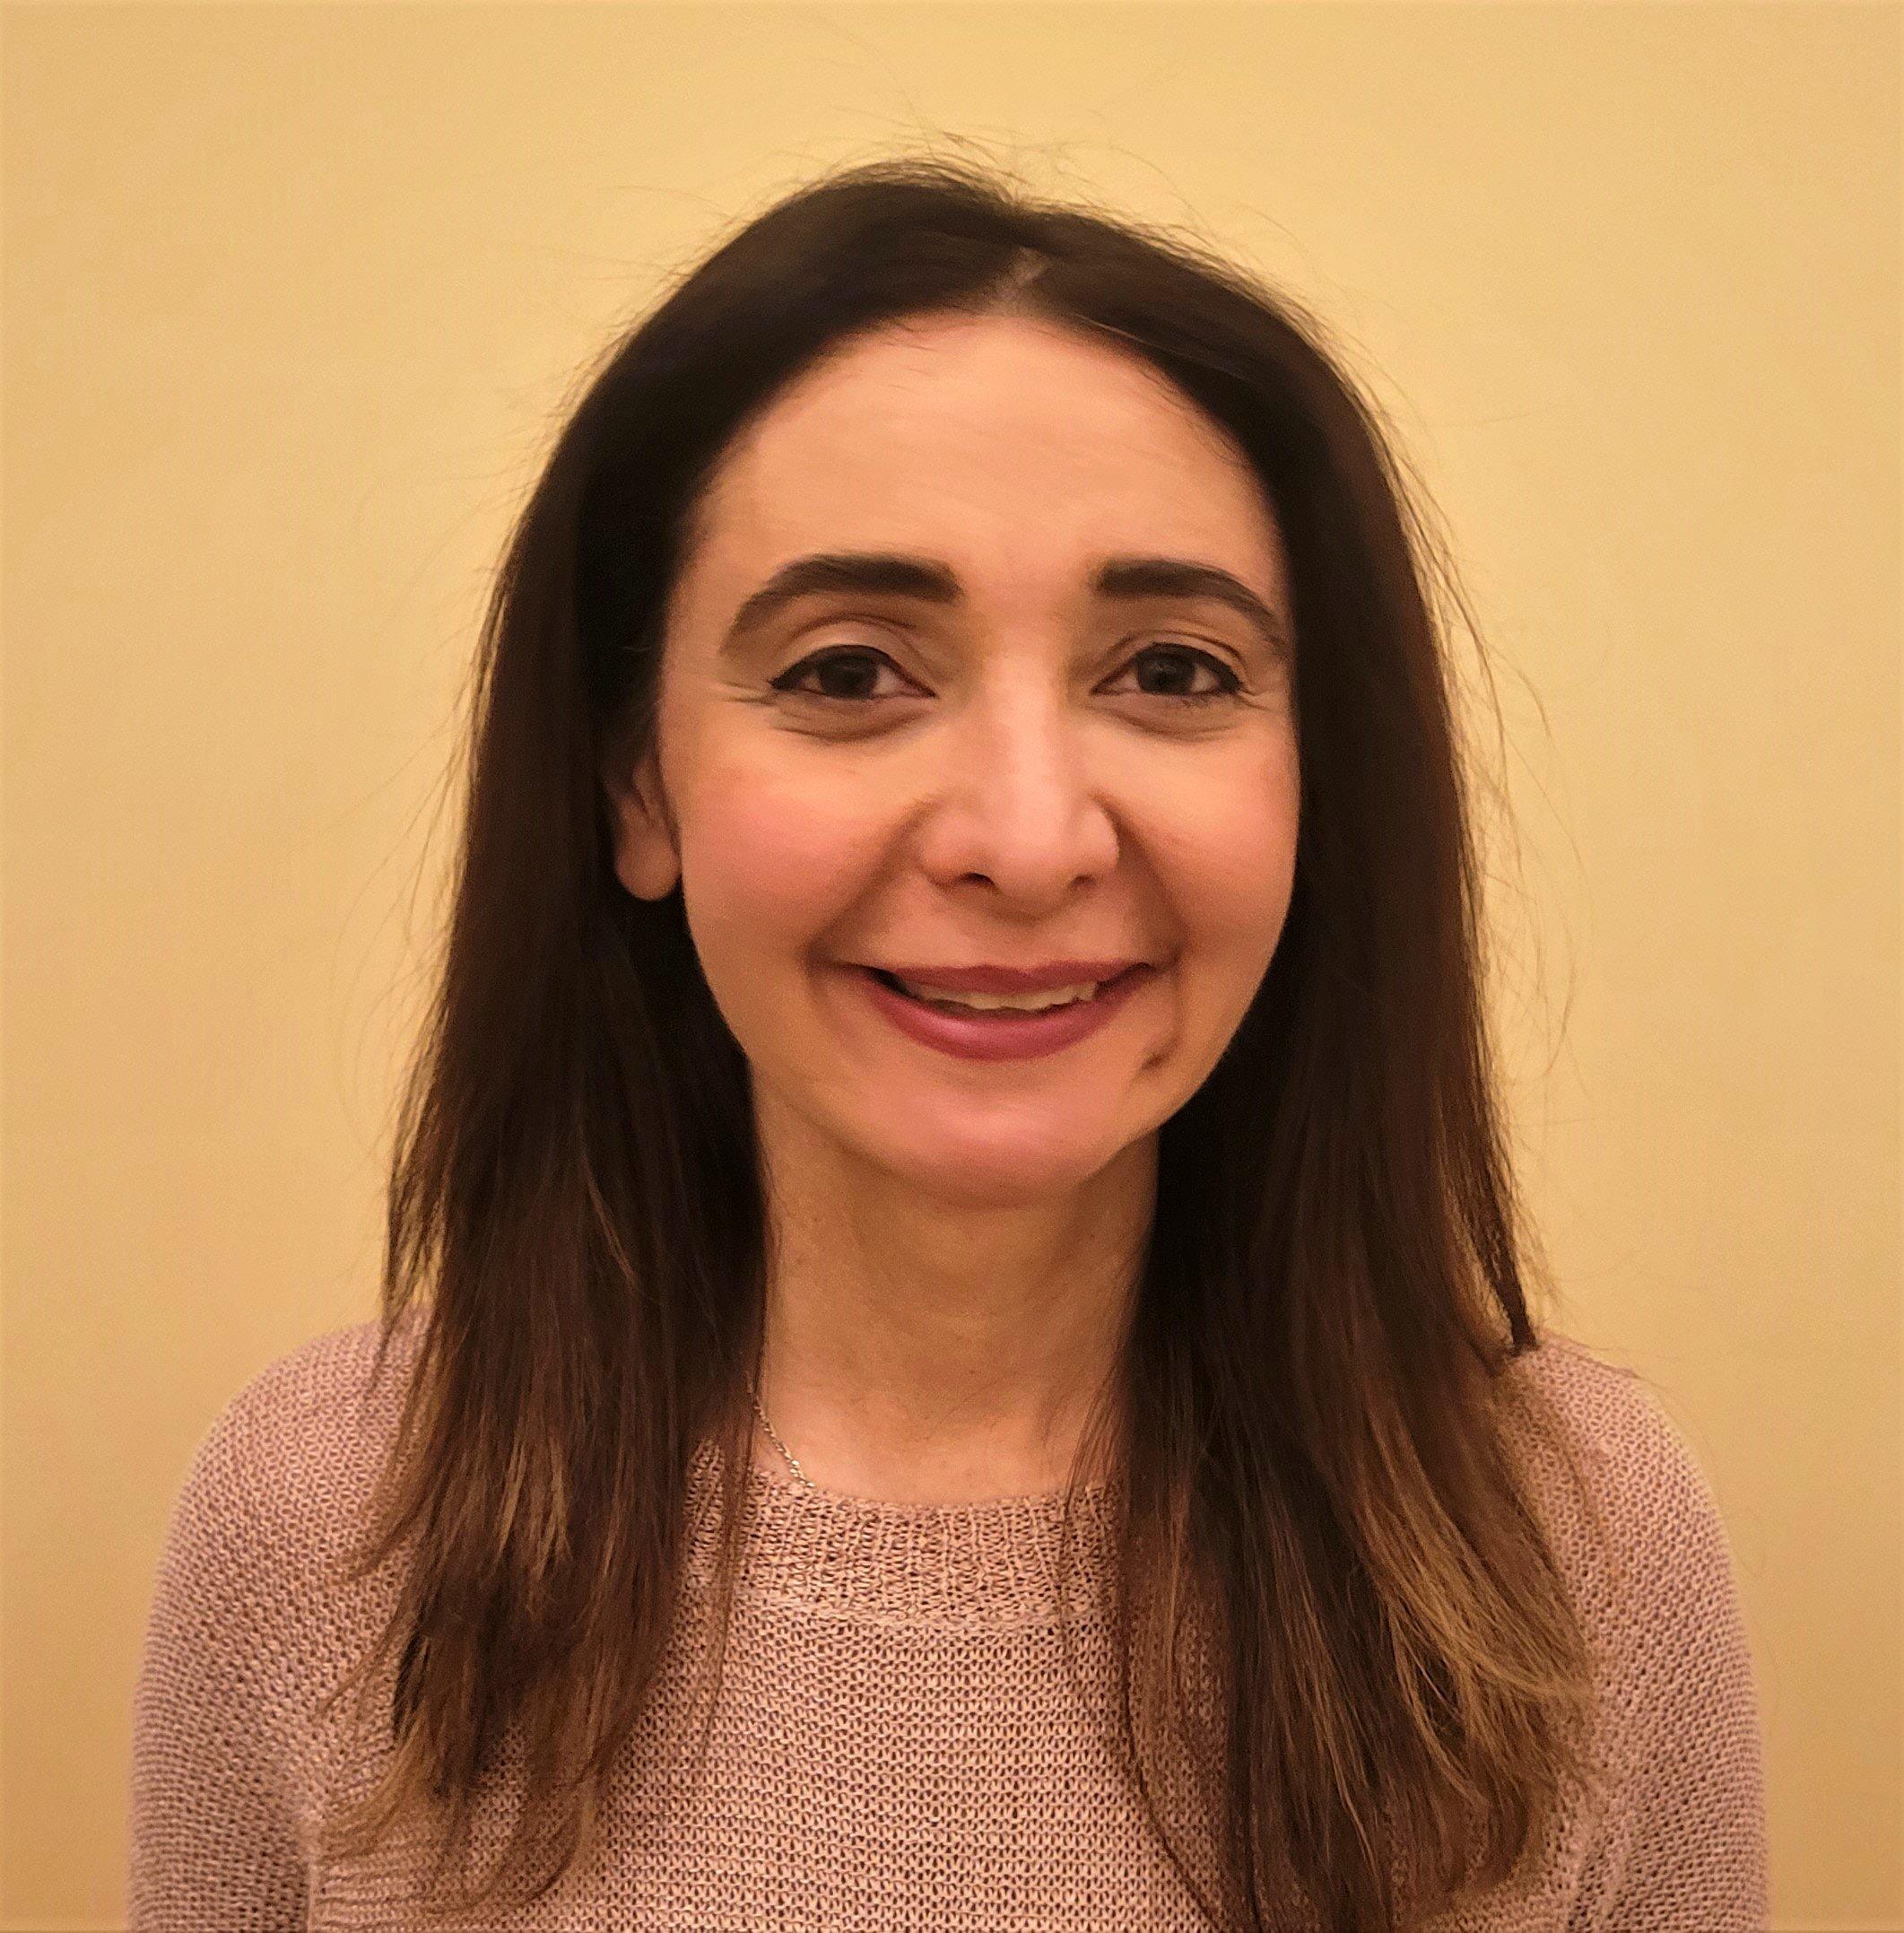 Lucy Maserejian